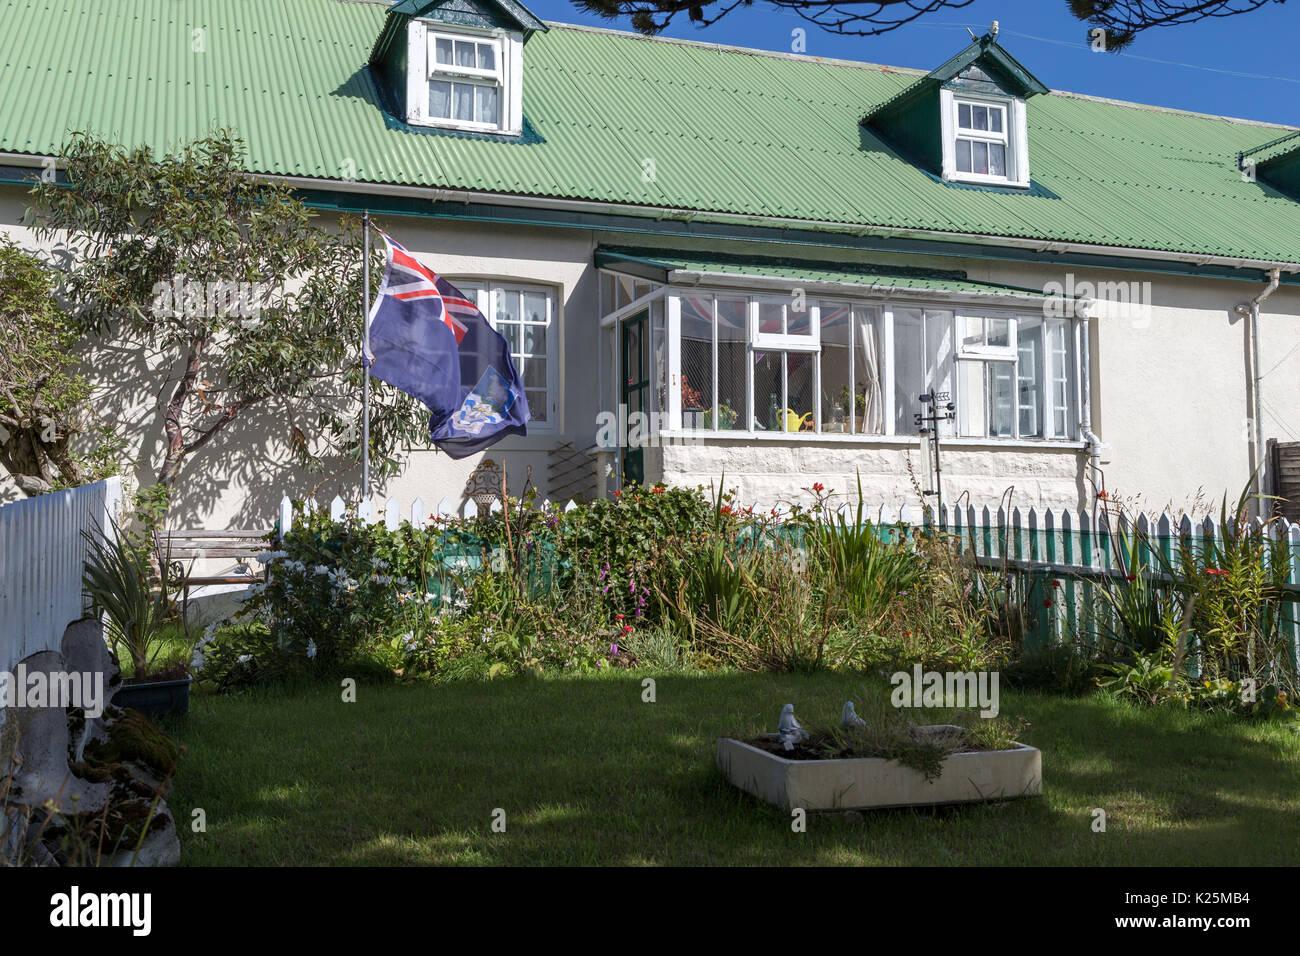 Patriotismo y viviendas tradicionales Ross Road (la calle principal) Stanley isla Falkland (Malvinas) Imagen De Stock